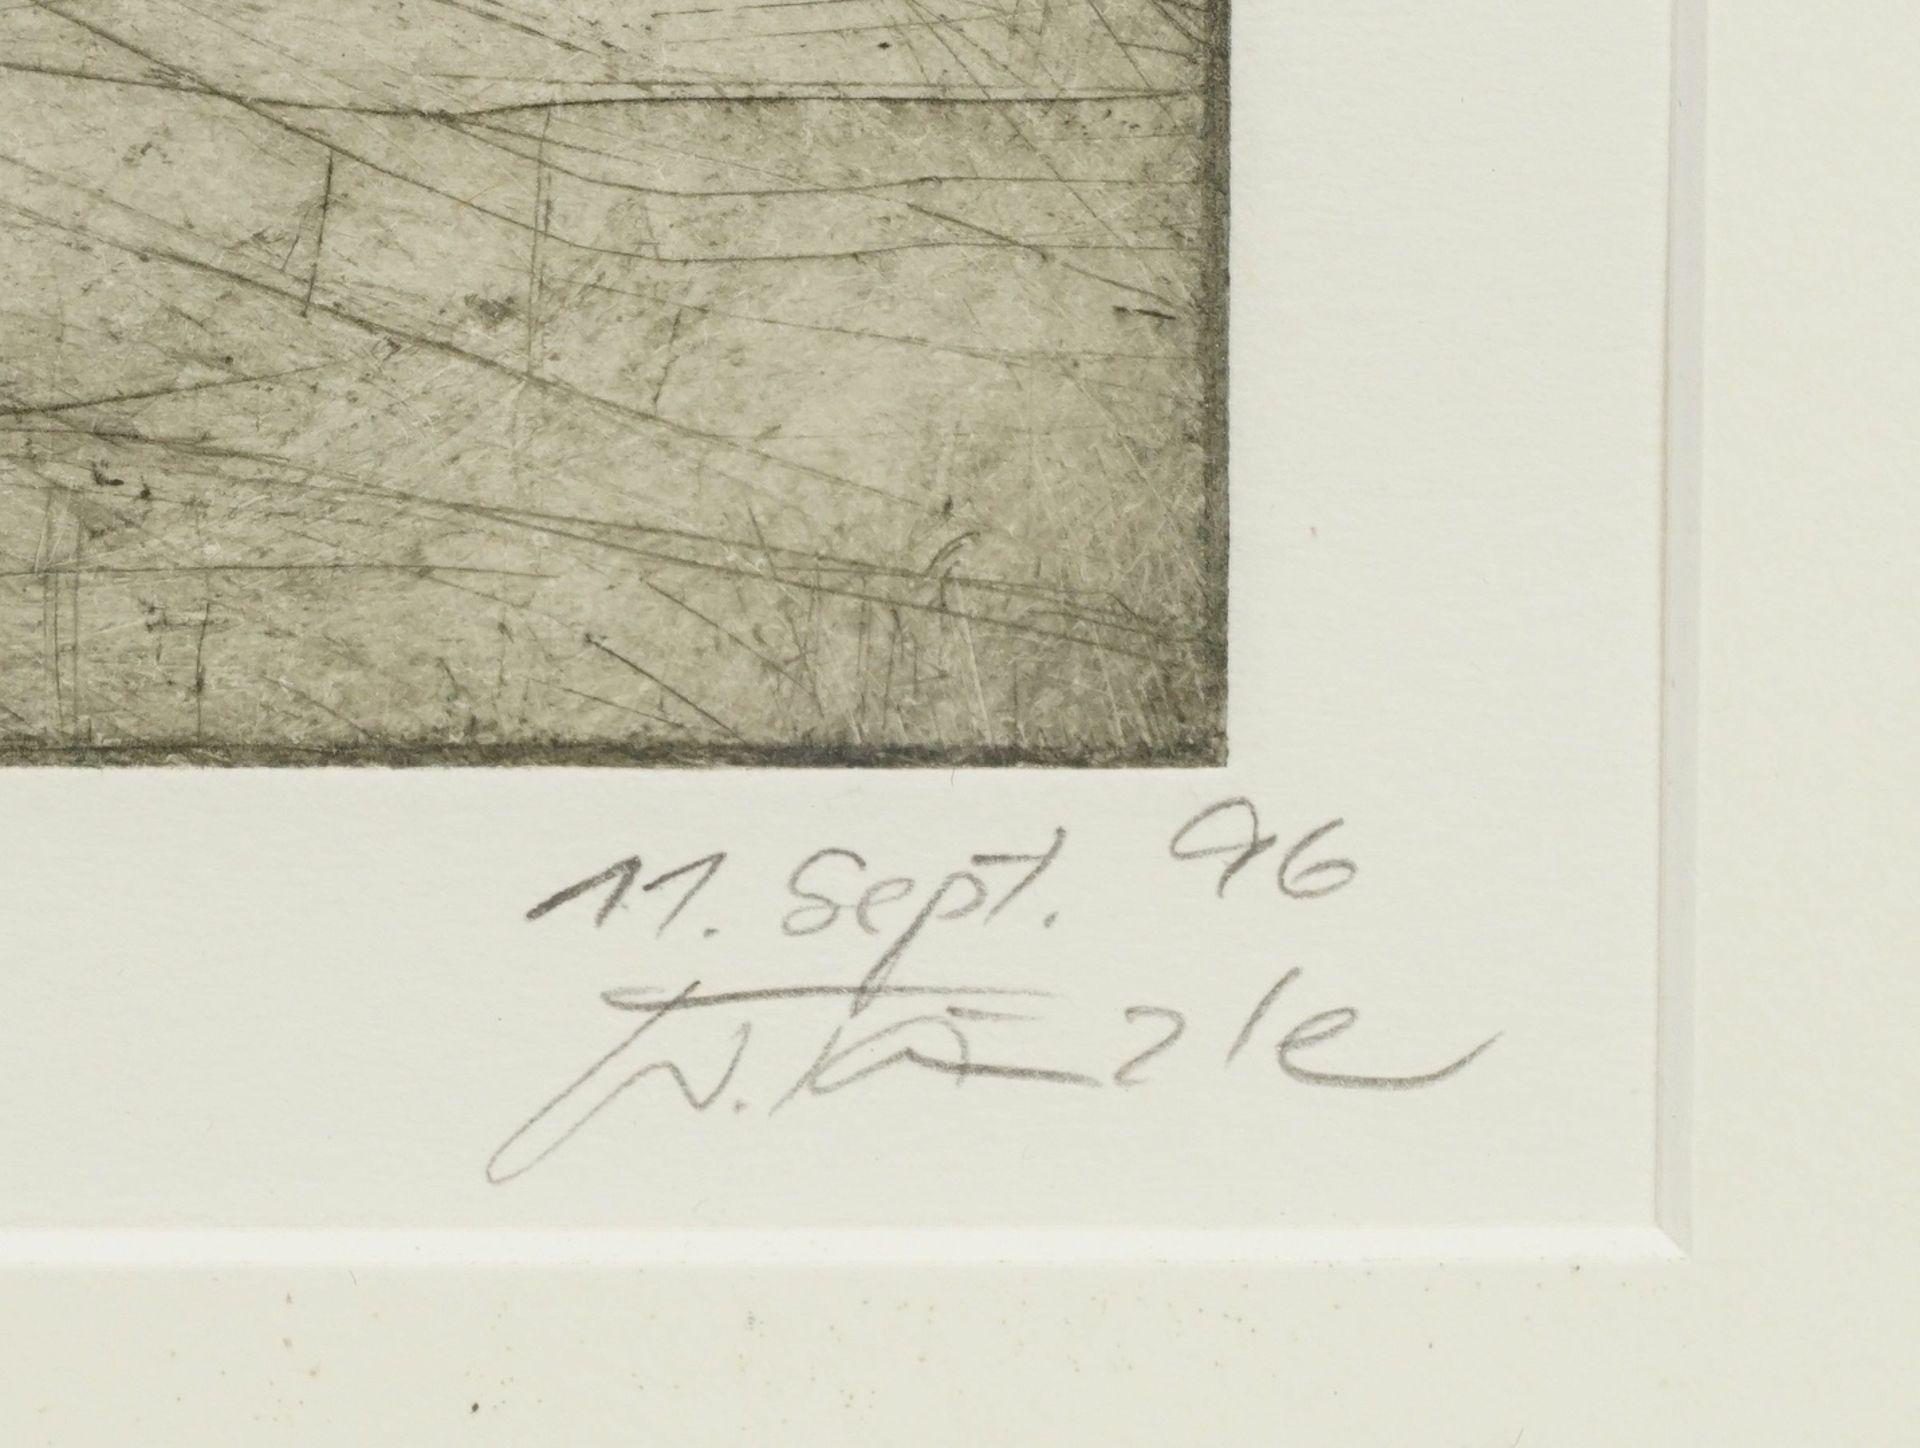 """Waltraud Tänzler, """"die Straße, jeglichem Zufall geöffnet wie ein Traum (Borges)"""" - Bild 3 aus 3"""